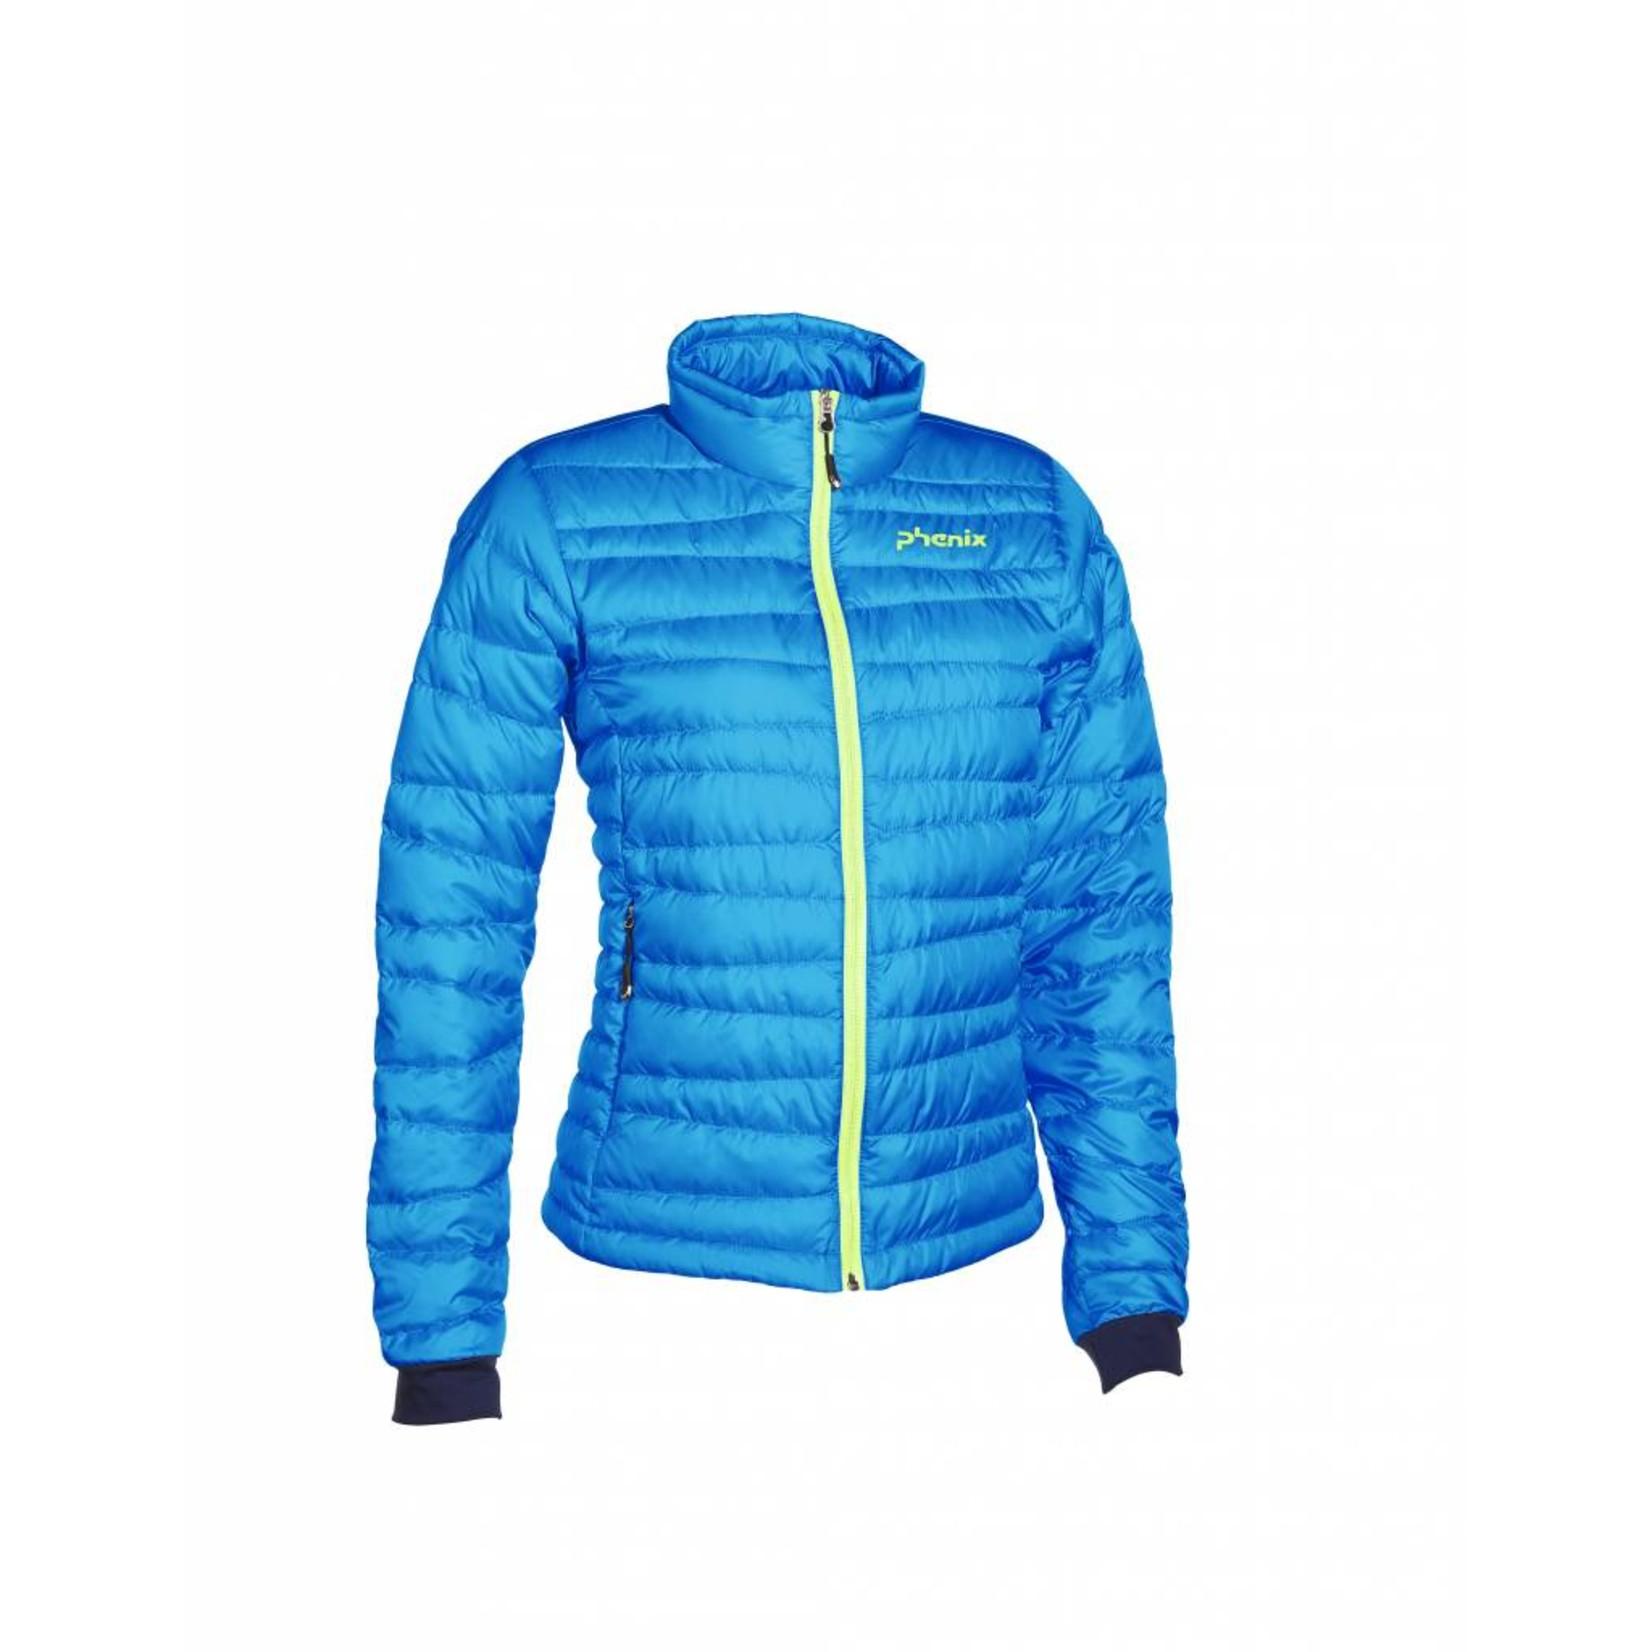 PHENIX Fluffy Insulation Jacket - BL